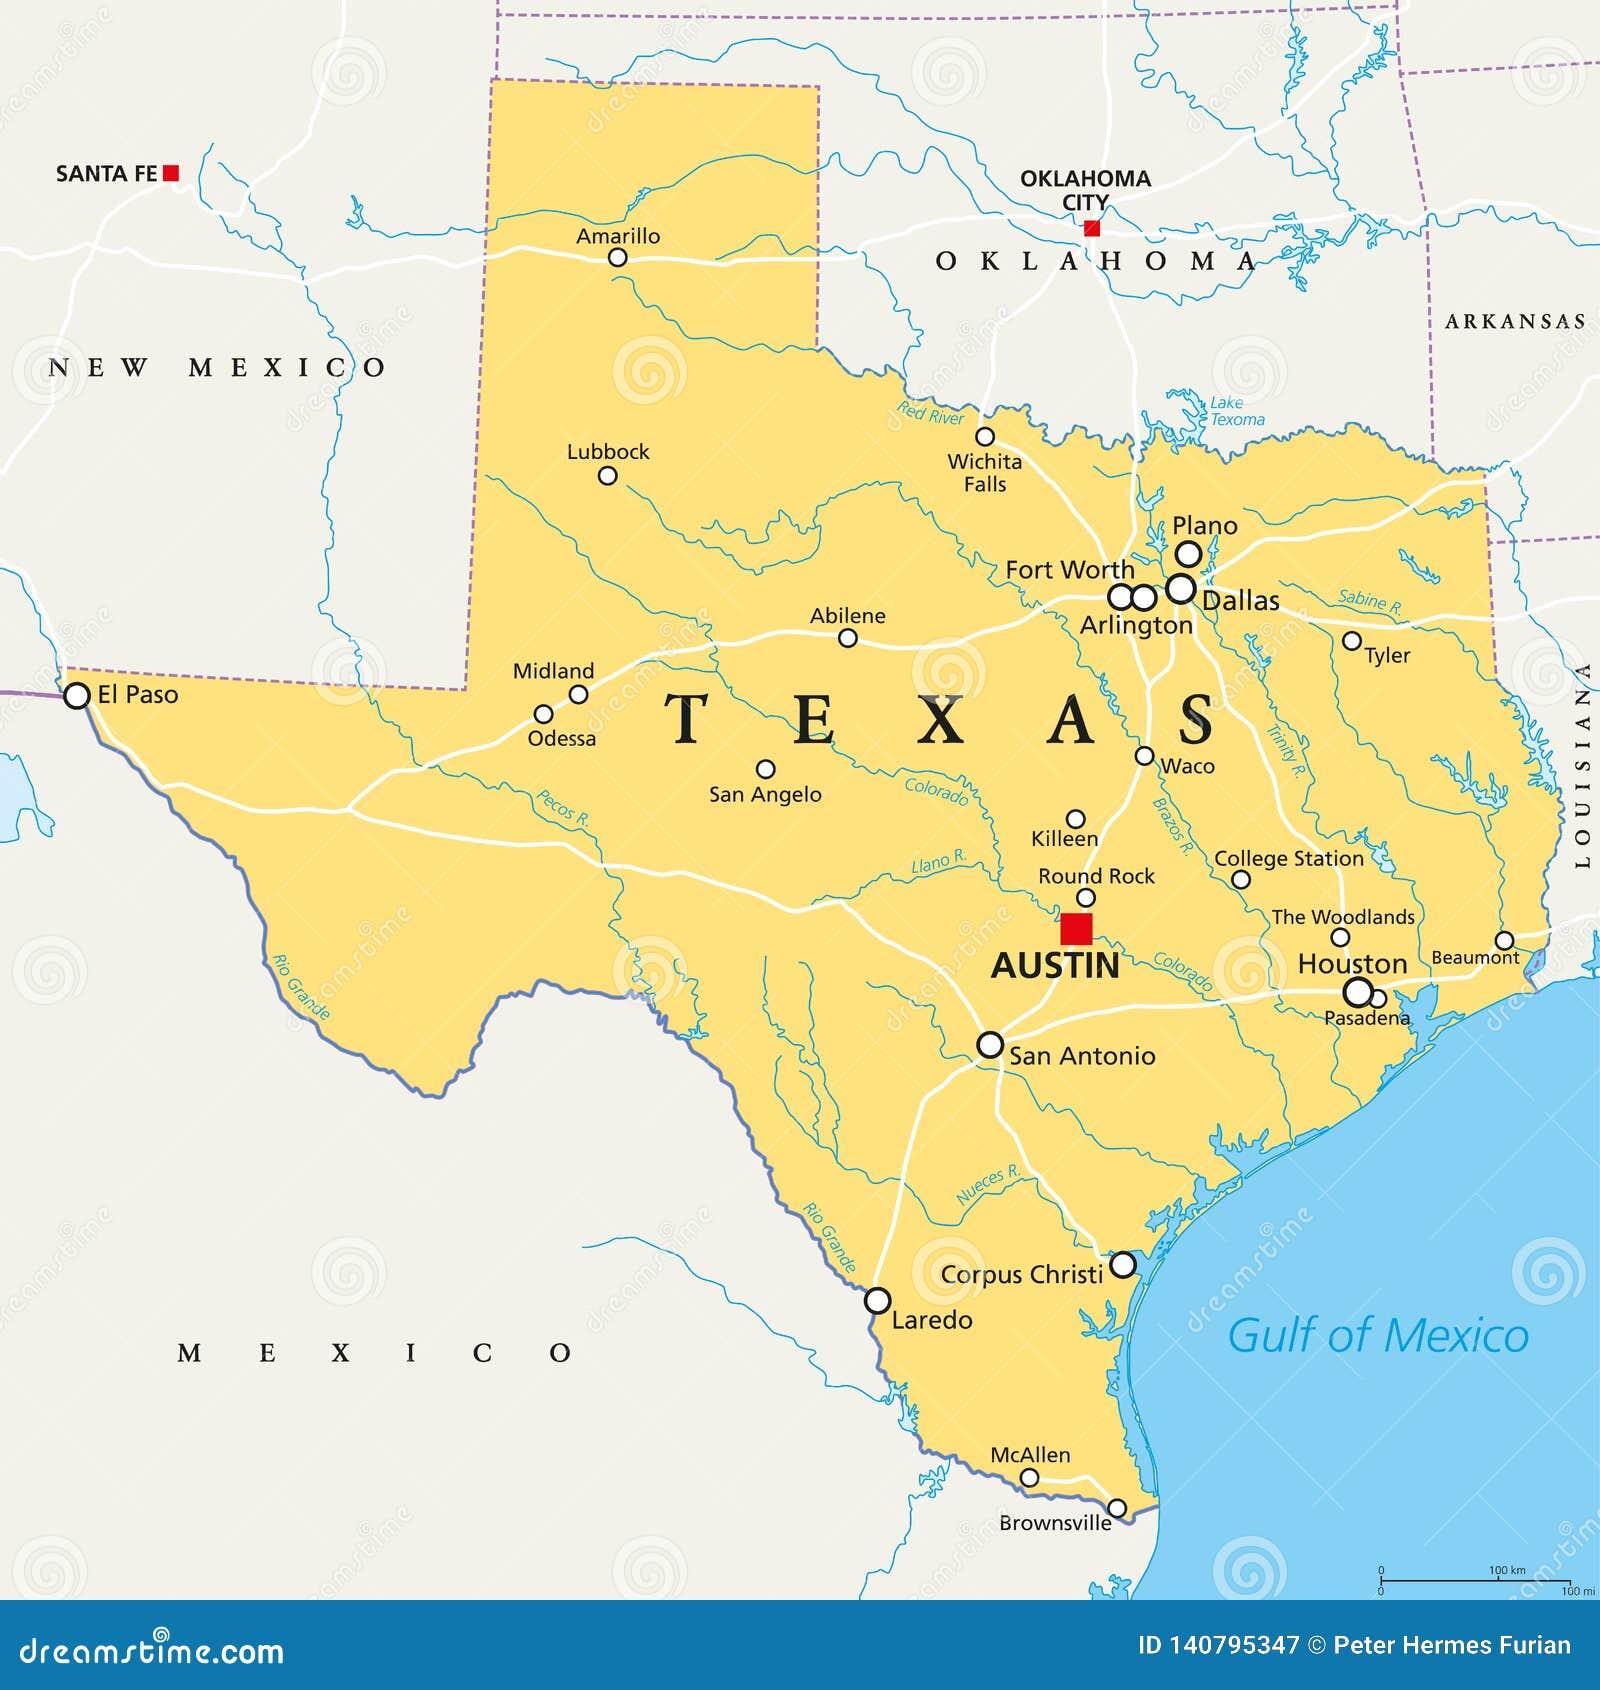 Texas Vereinigte Staaten Politische Karte Vektor Abbildung